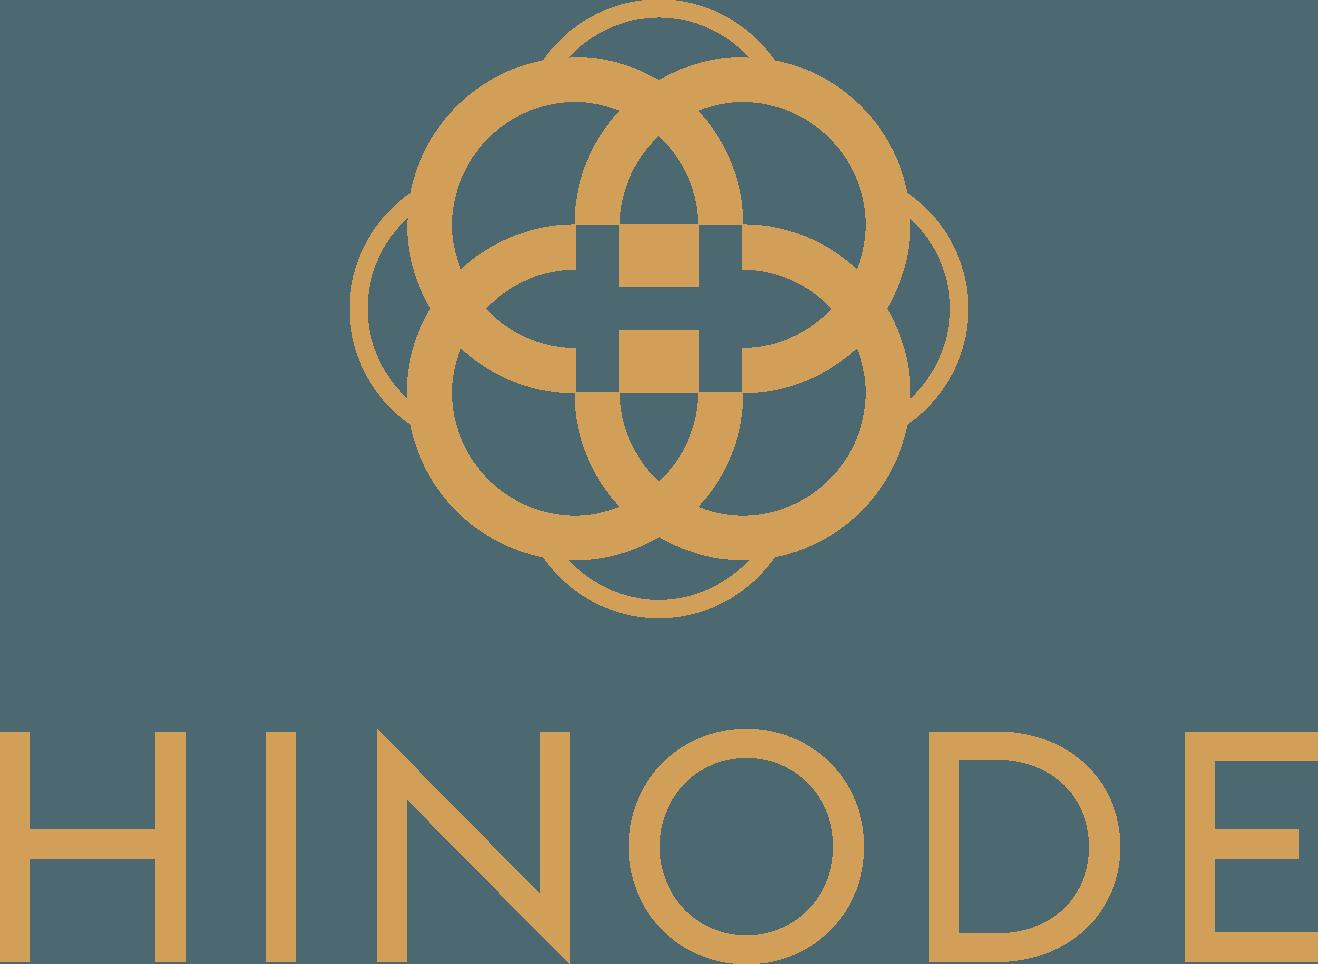 Hinode Logo png